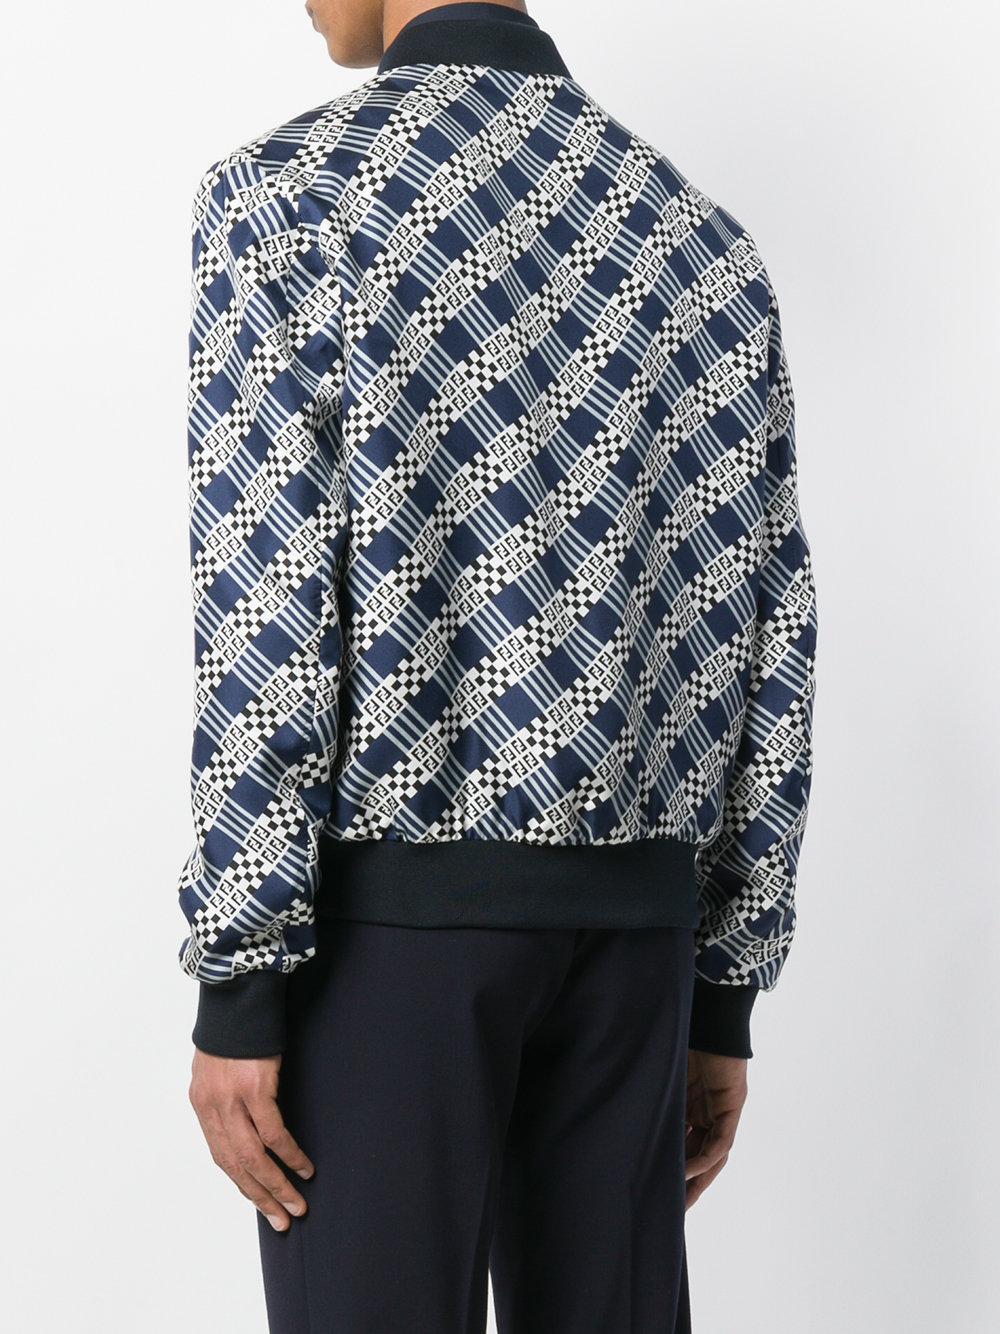 Fendi Silk Zipped Bomber Jacket in Blue for Men